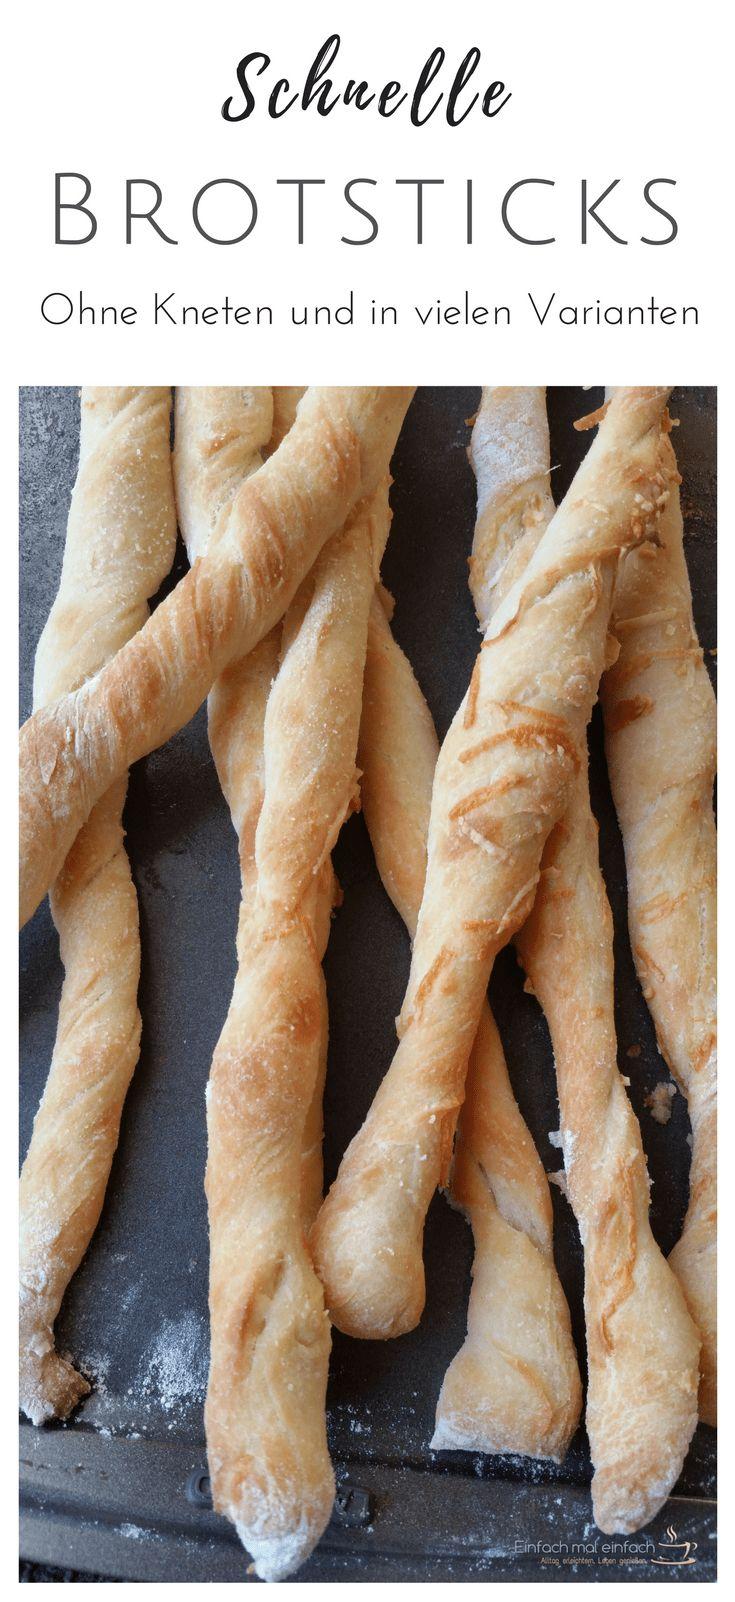 Schnelle Brotsticks - Einfach mal einfach Brotsticks sind das perfekte Fingerfood für das Silvester Essen und auf jeder Party. Kinder lieben sie, weil sie handlich und lecker sind - und Hobbyköche, weil sie vielseitig, schnell und einfach zubereitet sind. Dieses Rezept für gesunde Brotstangen kannst Du unkompliziert vorbereiten und die Sticks mit Parmesan, als Pizzastangen, mit Gewürzen oder Kräutern, Sesam und sogar süß mit Zimt und Zucker kreieren! #fingerfood #party